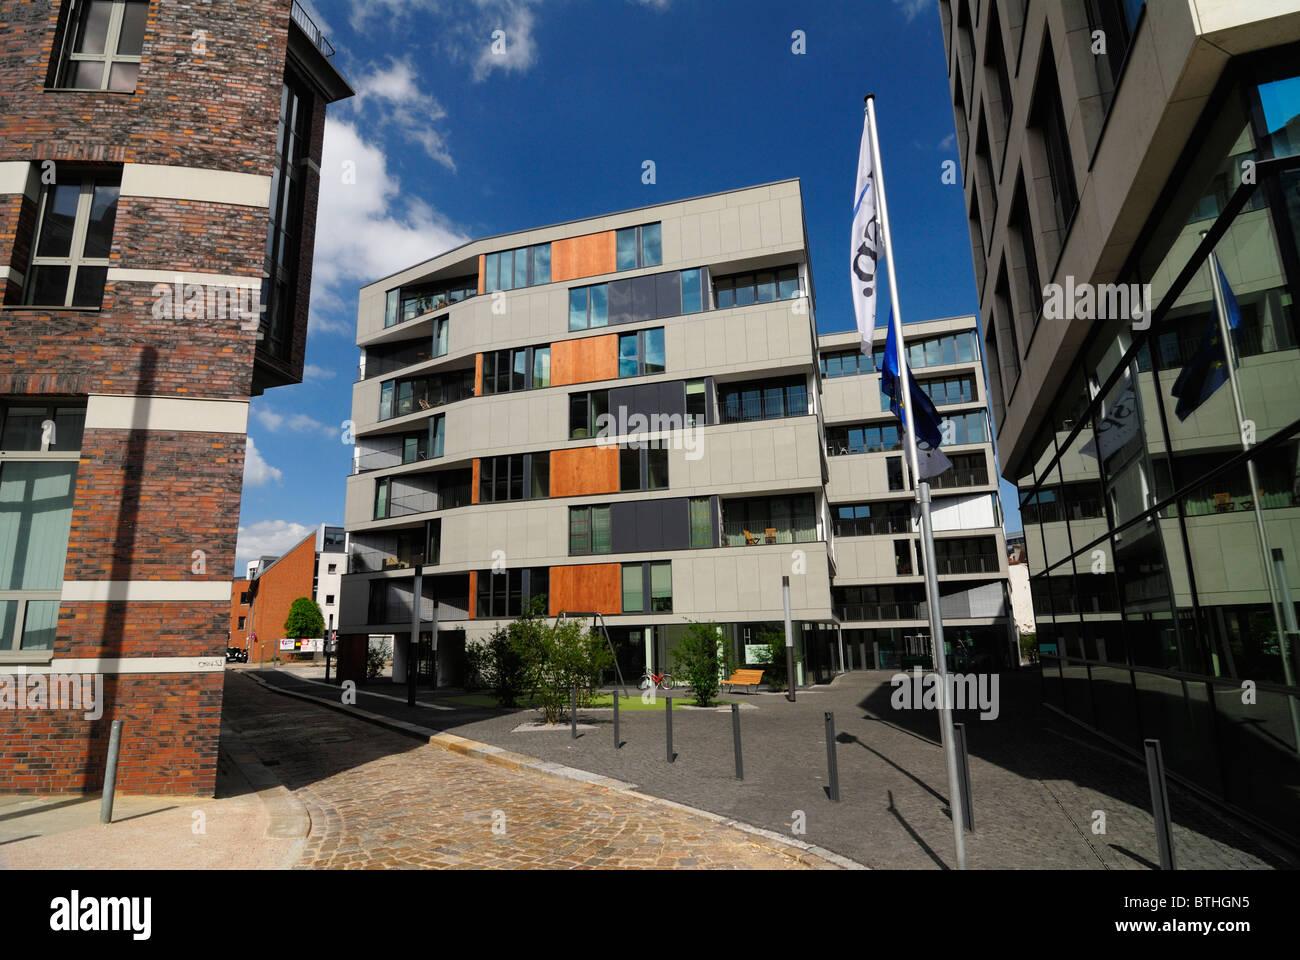 Speckstrasse Hamburg Stockfotos & Speckstrasse Hamburg Bilder - Alamy